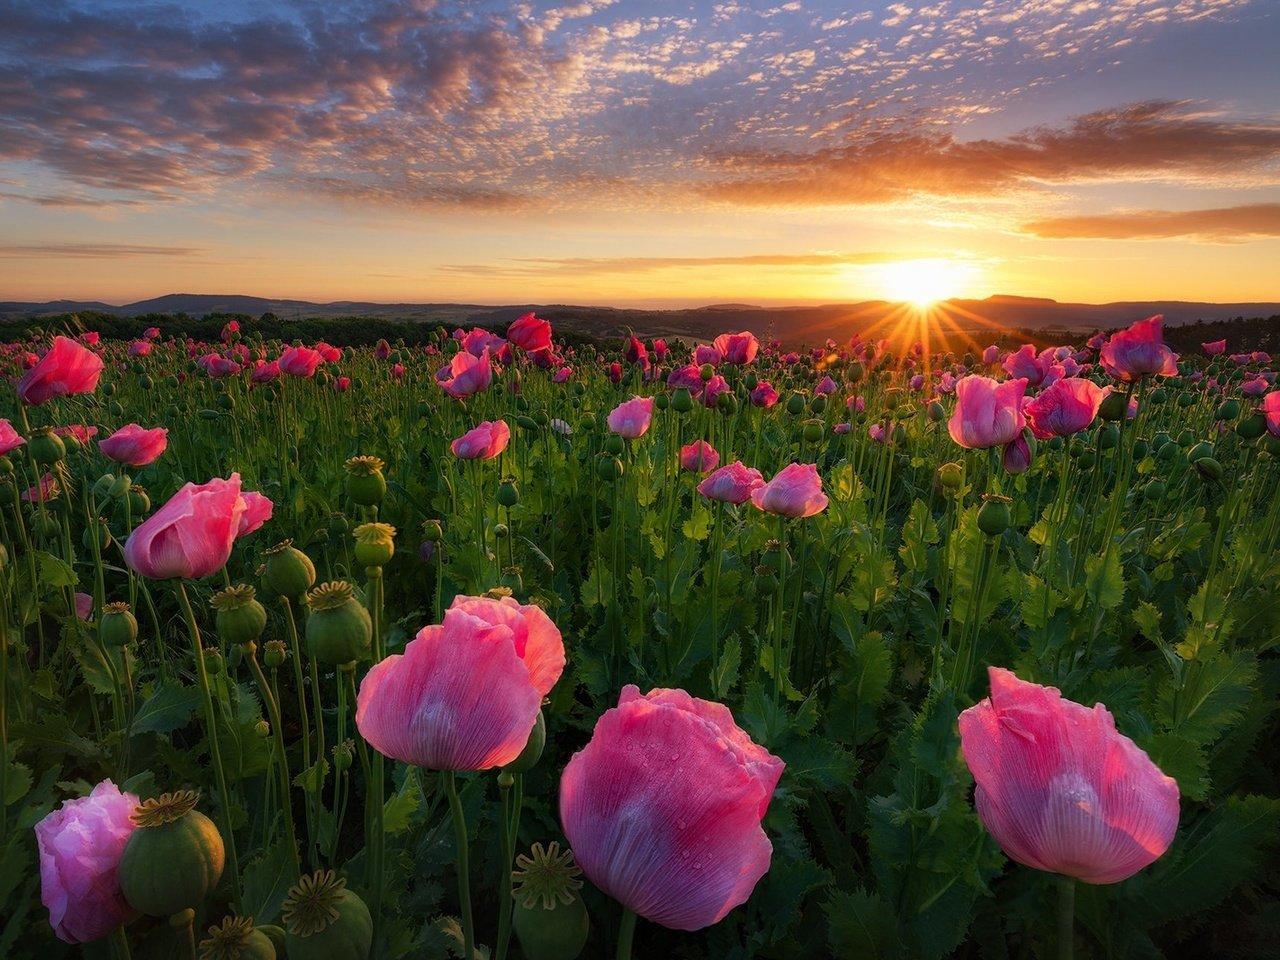 красивые фото цветочных полей на рассвете земельном